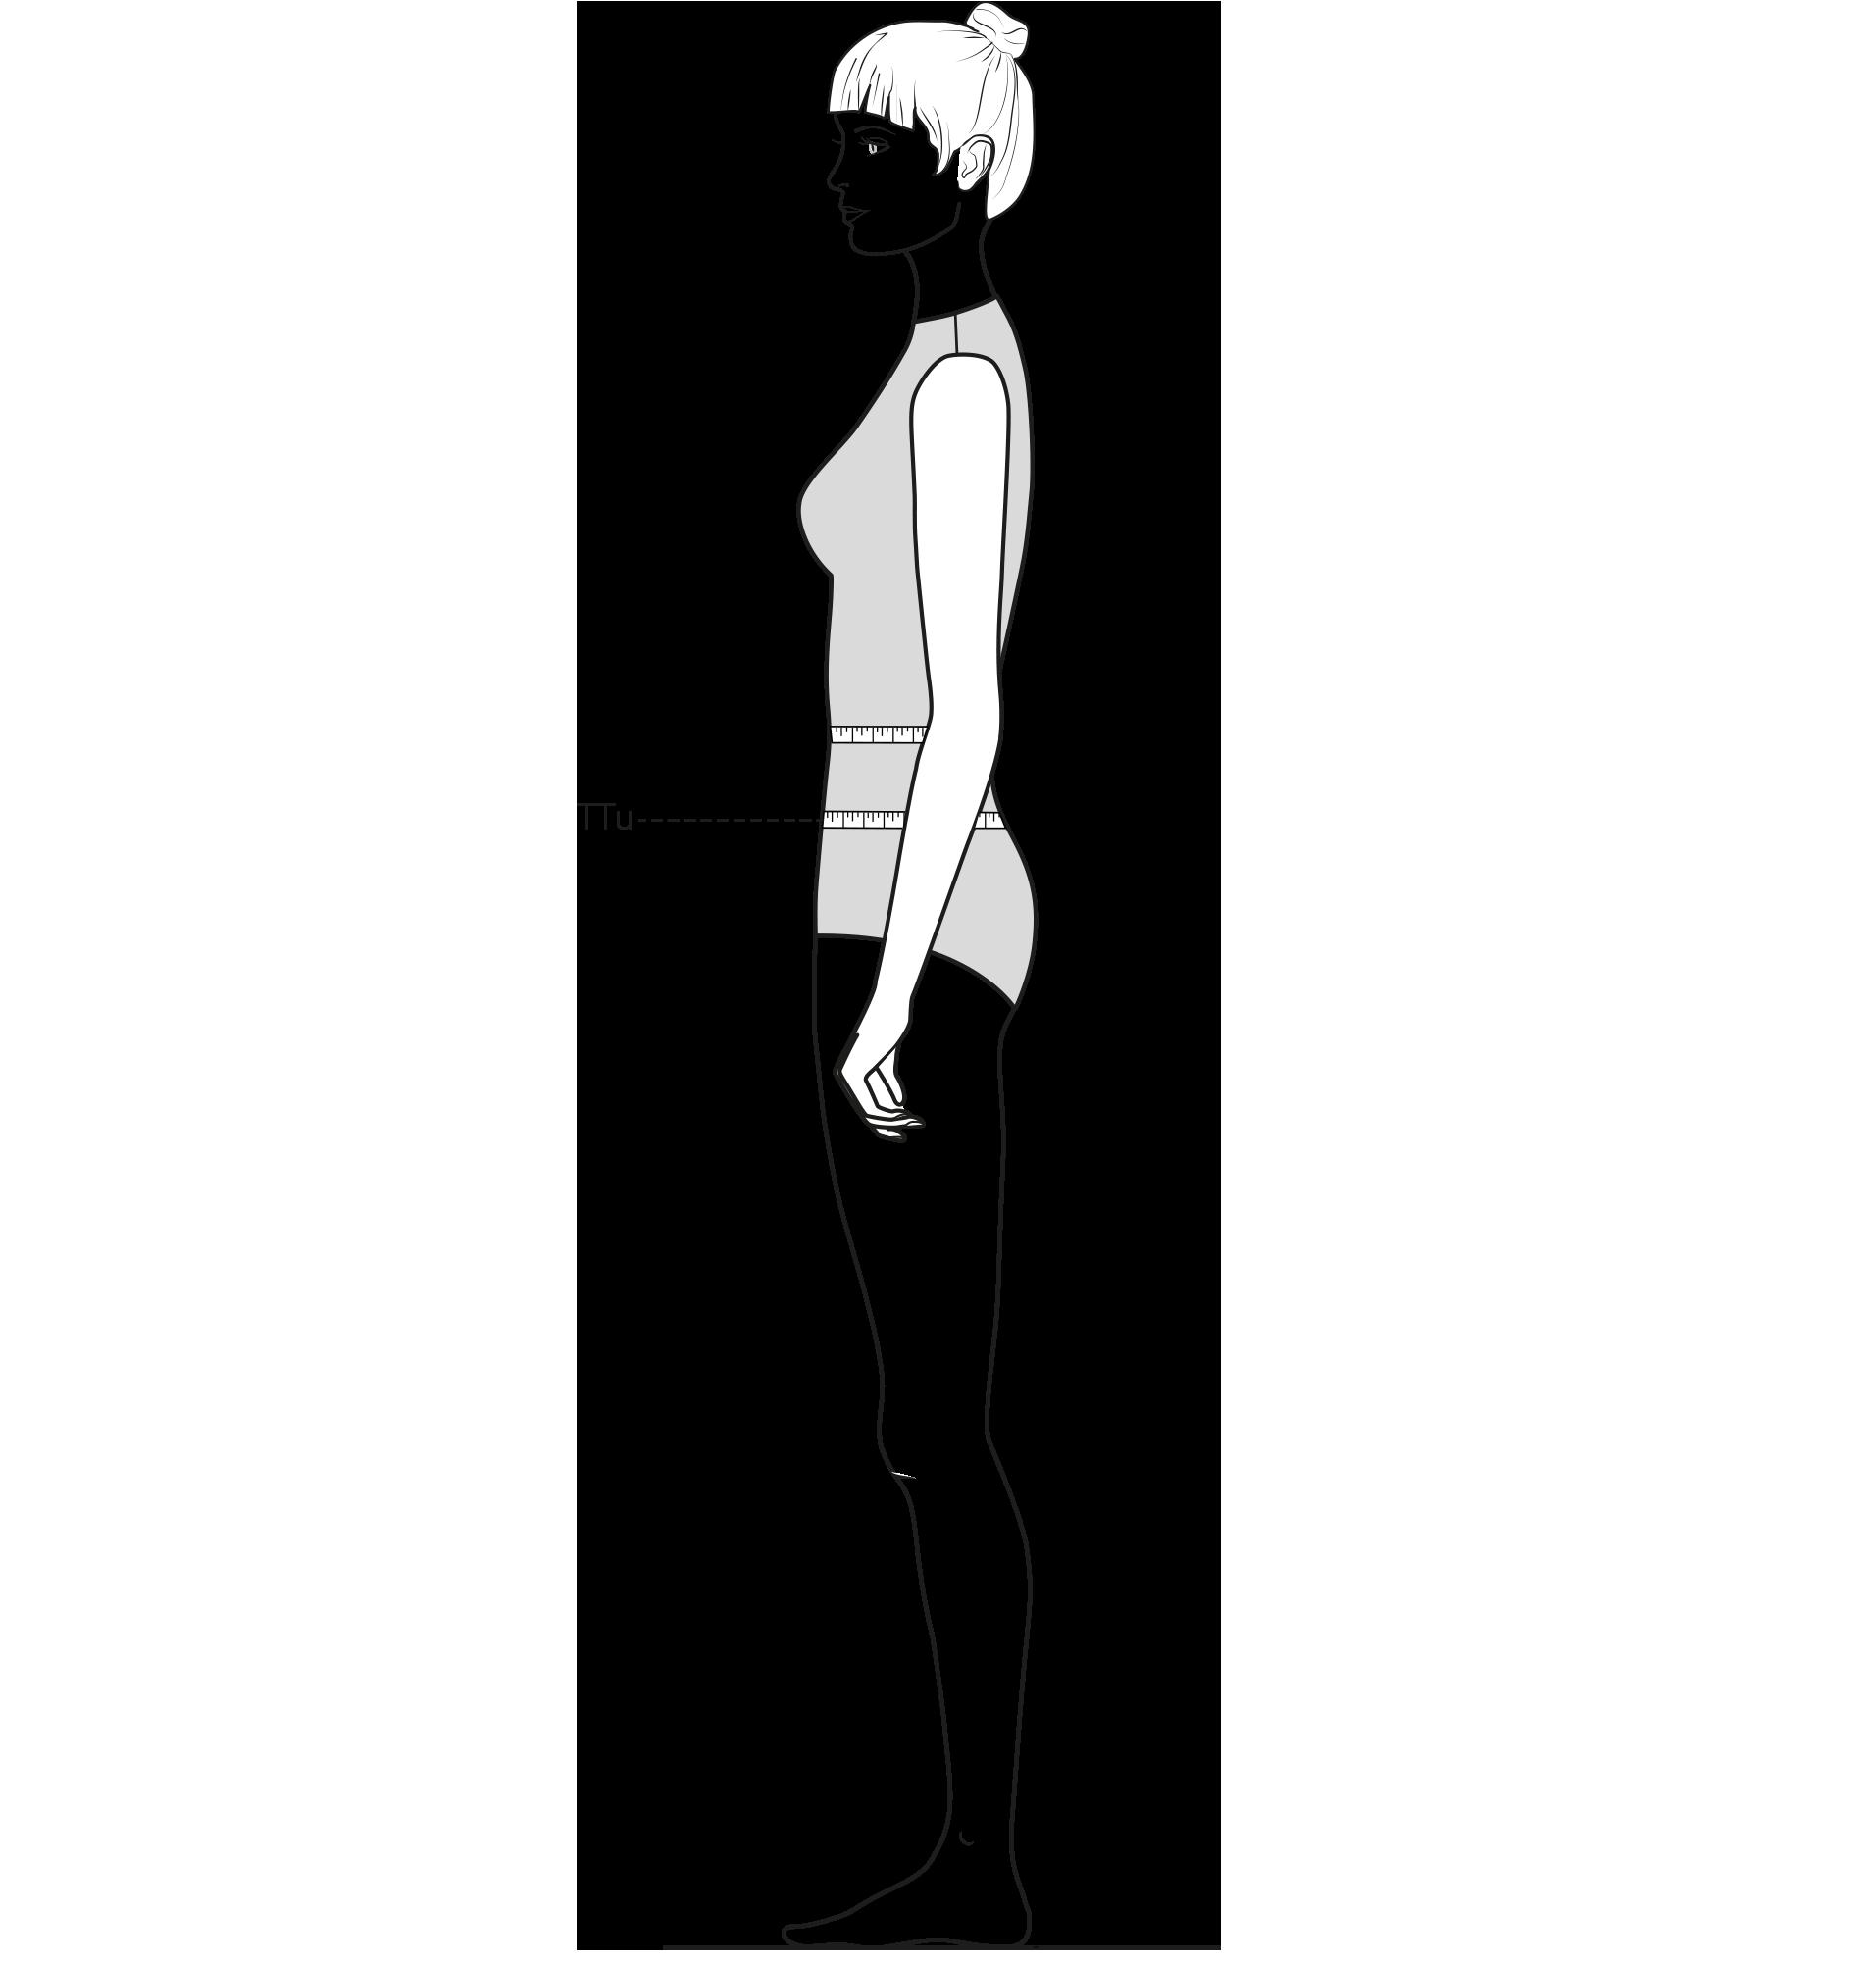 Diese Zeichnung zeigt das Messen des tiefen Taillenumfangs.